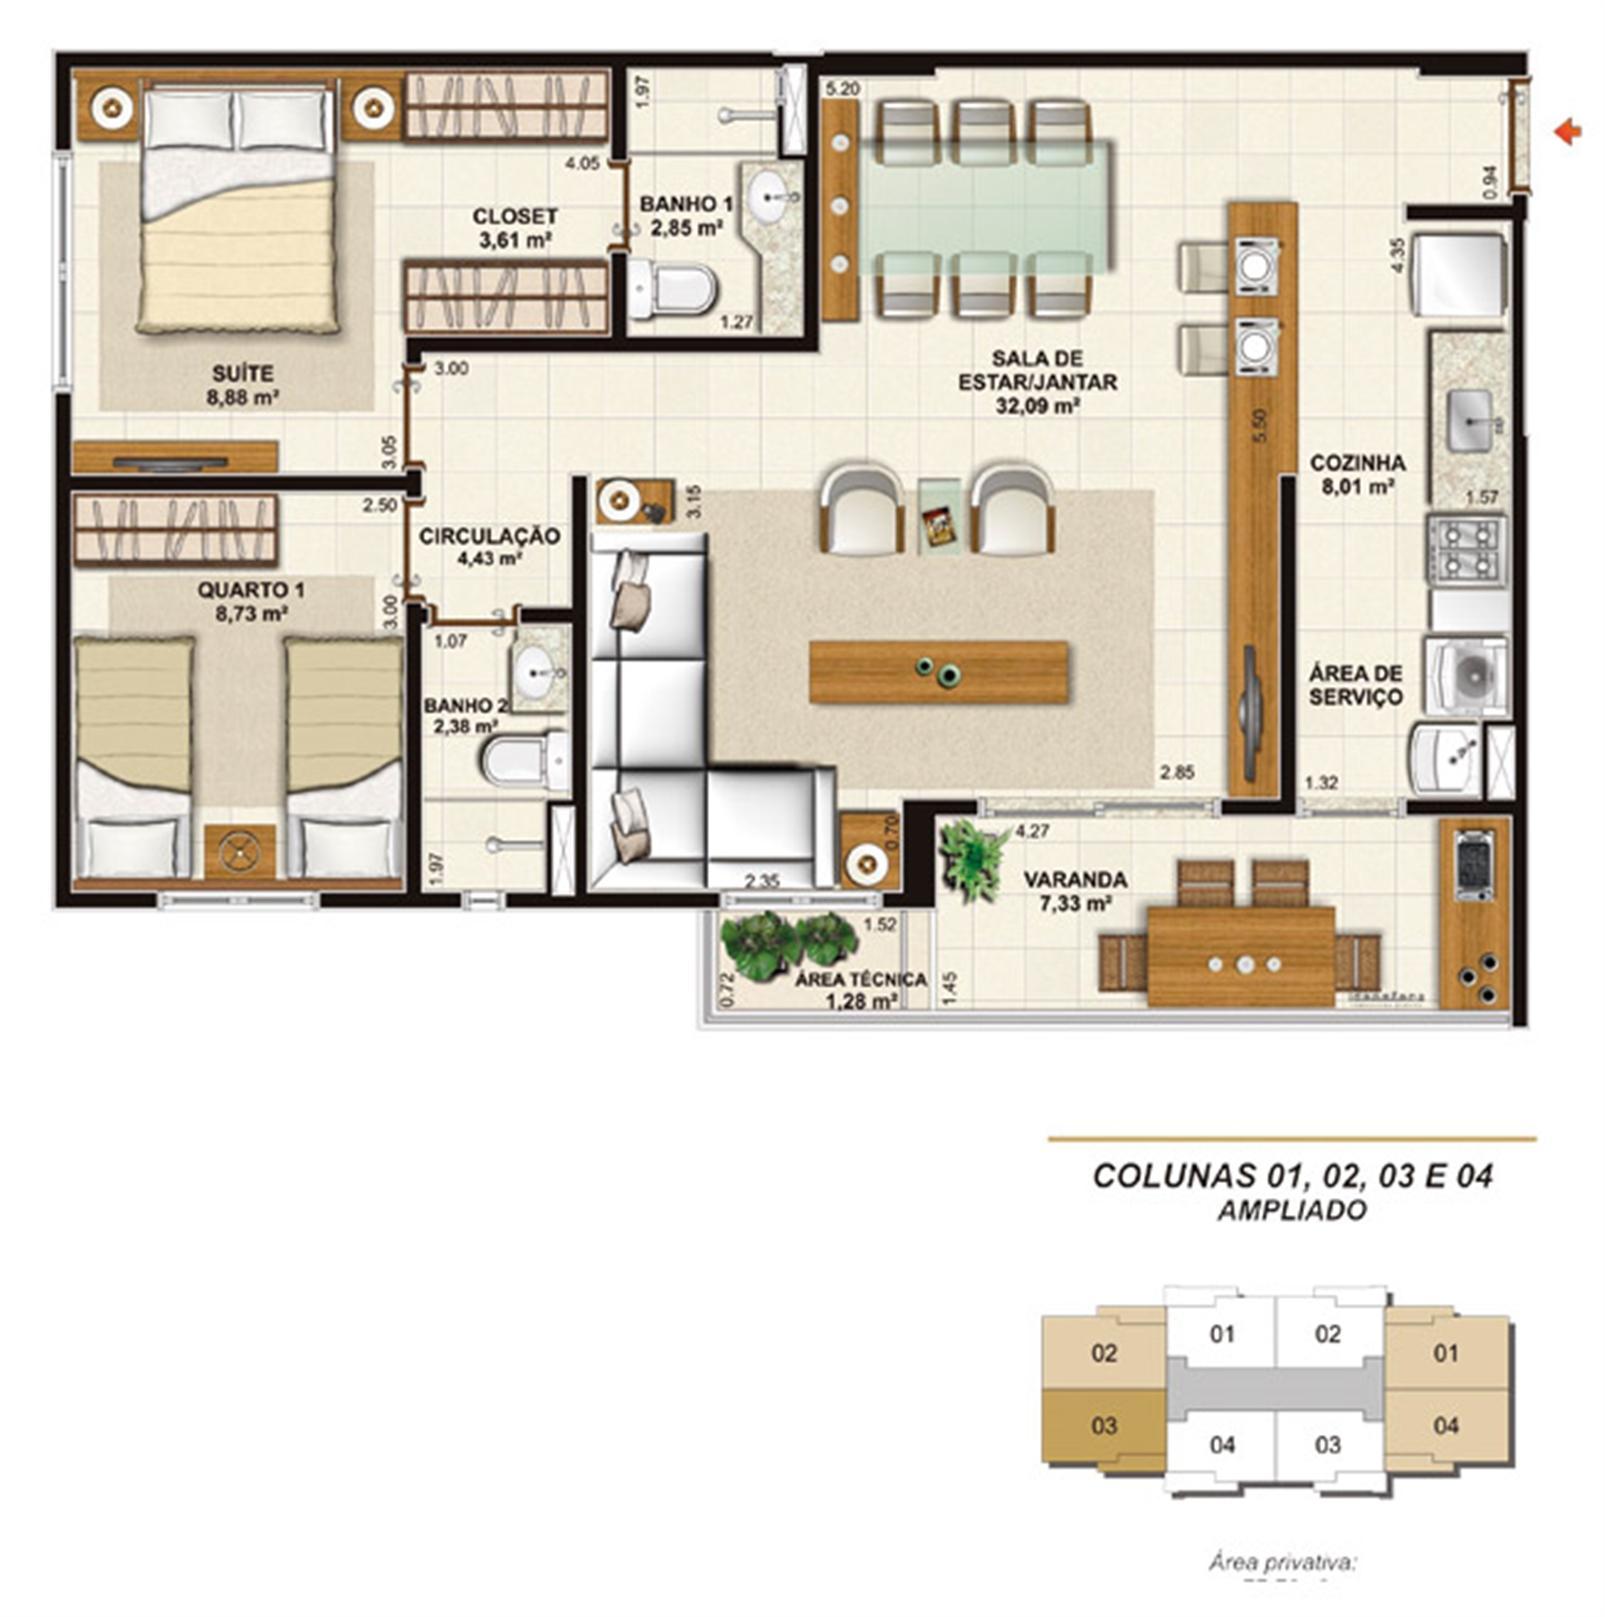 Planta opção 2 quartos (1 suíte e varanda gourmet) 77 m² | Jardim de Toscana – Apartamentoem  Altos do Calhau - São Luís - Maranhão